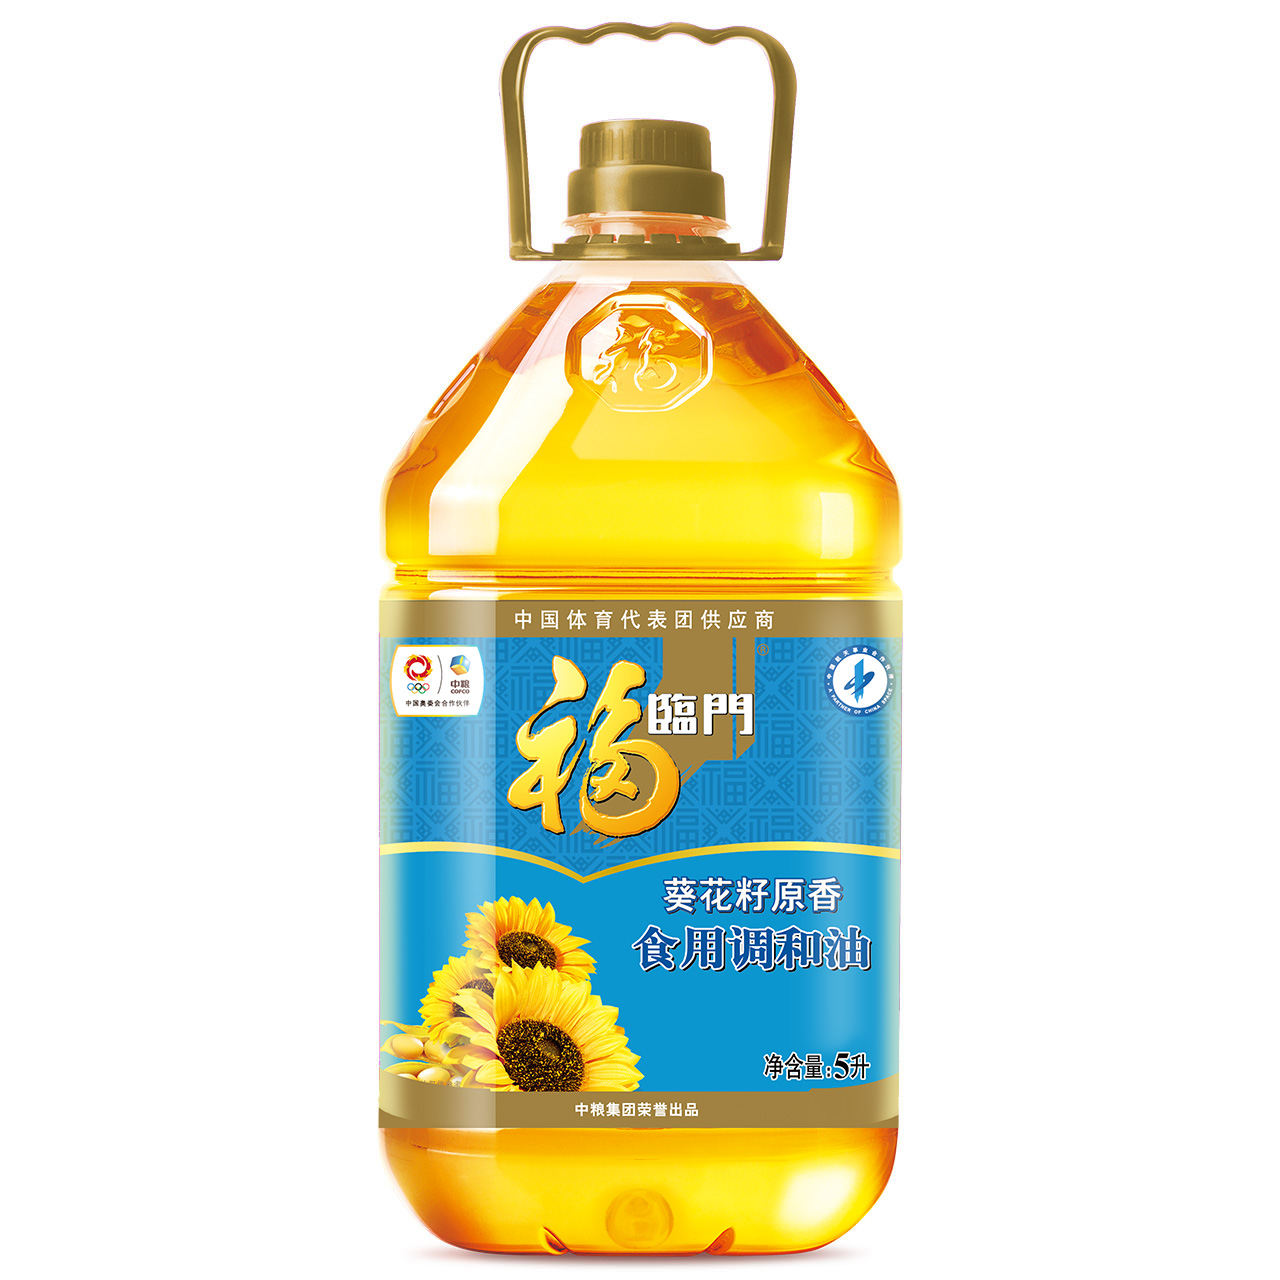 前60秒第2件5折  福临门葵籽原香食用调和油5L